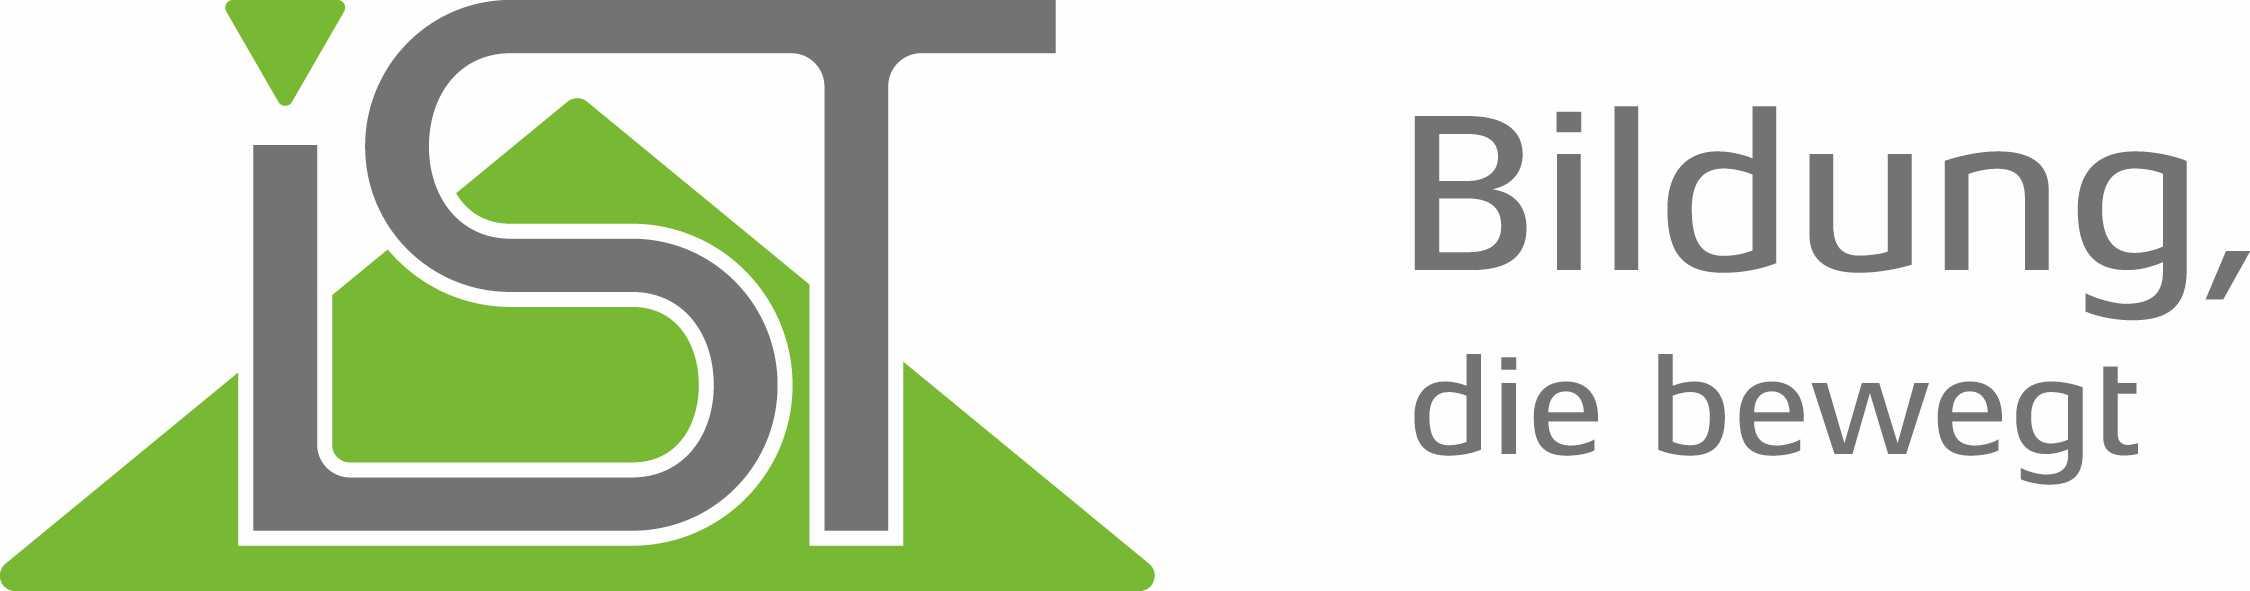 Logo_IST_mit_Claim_Bildung